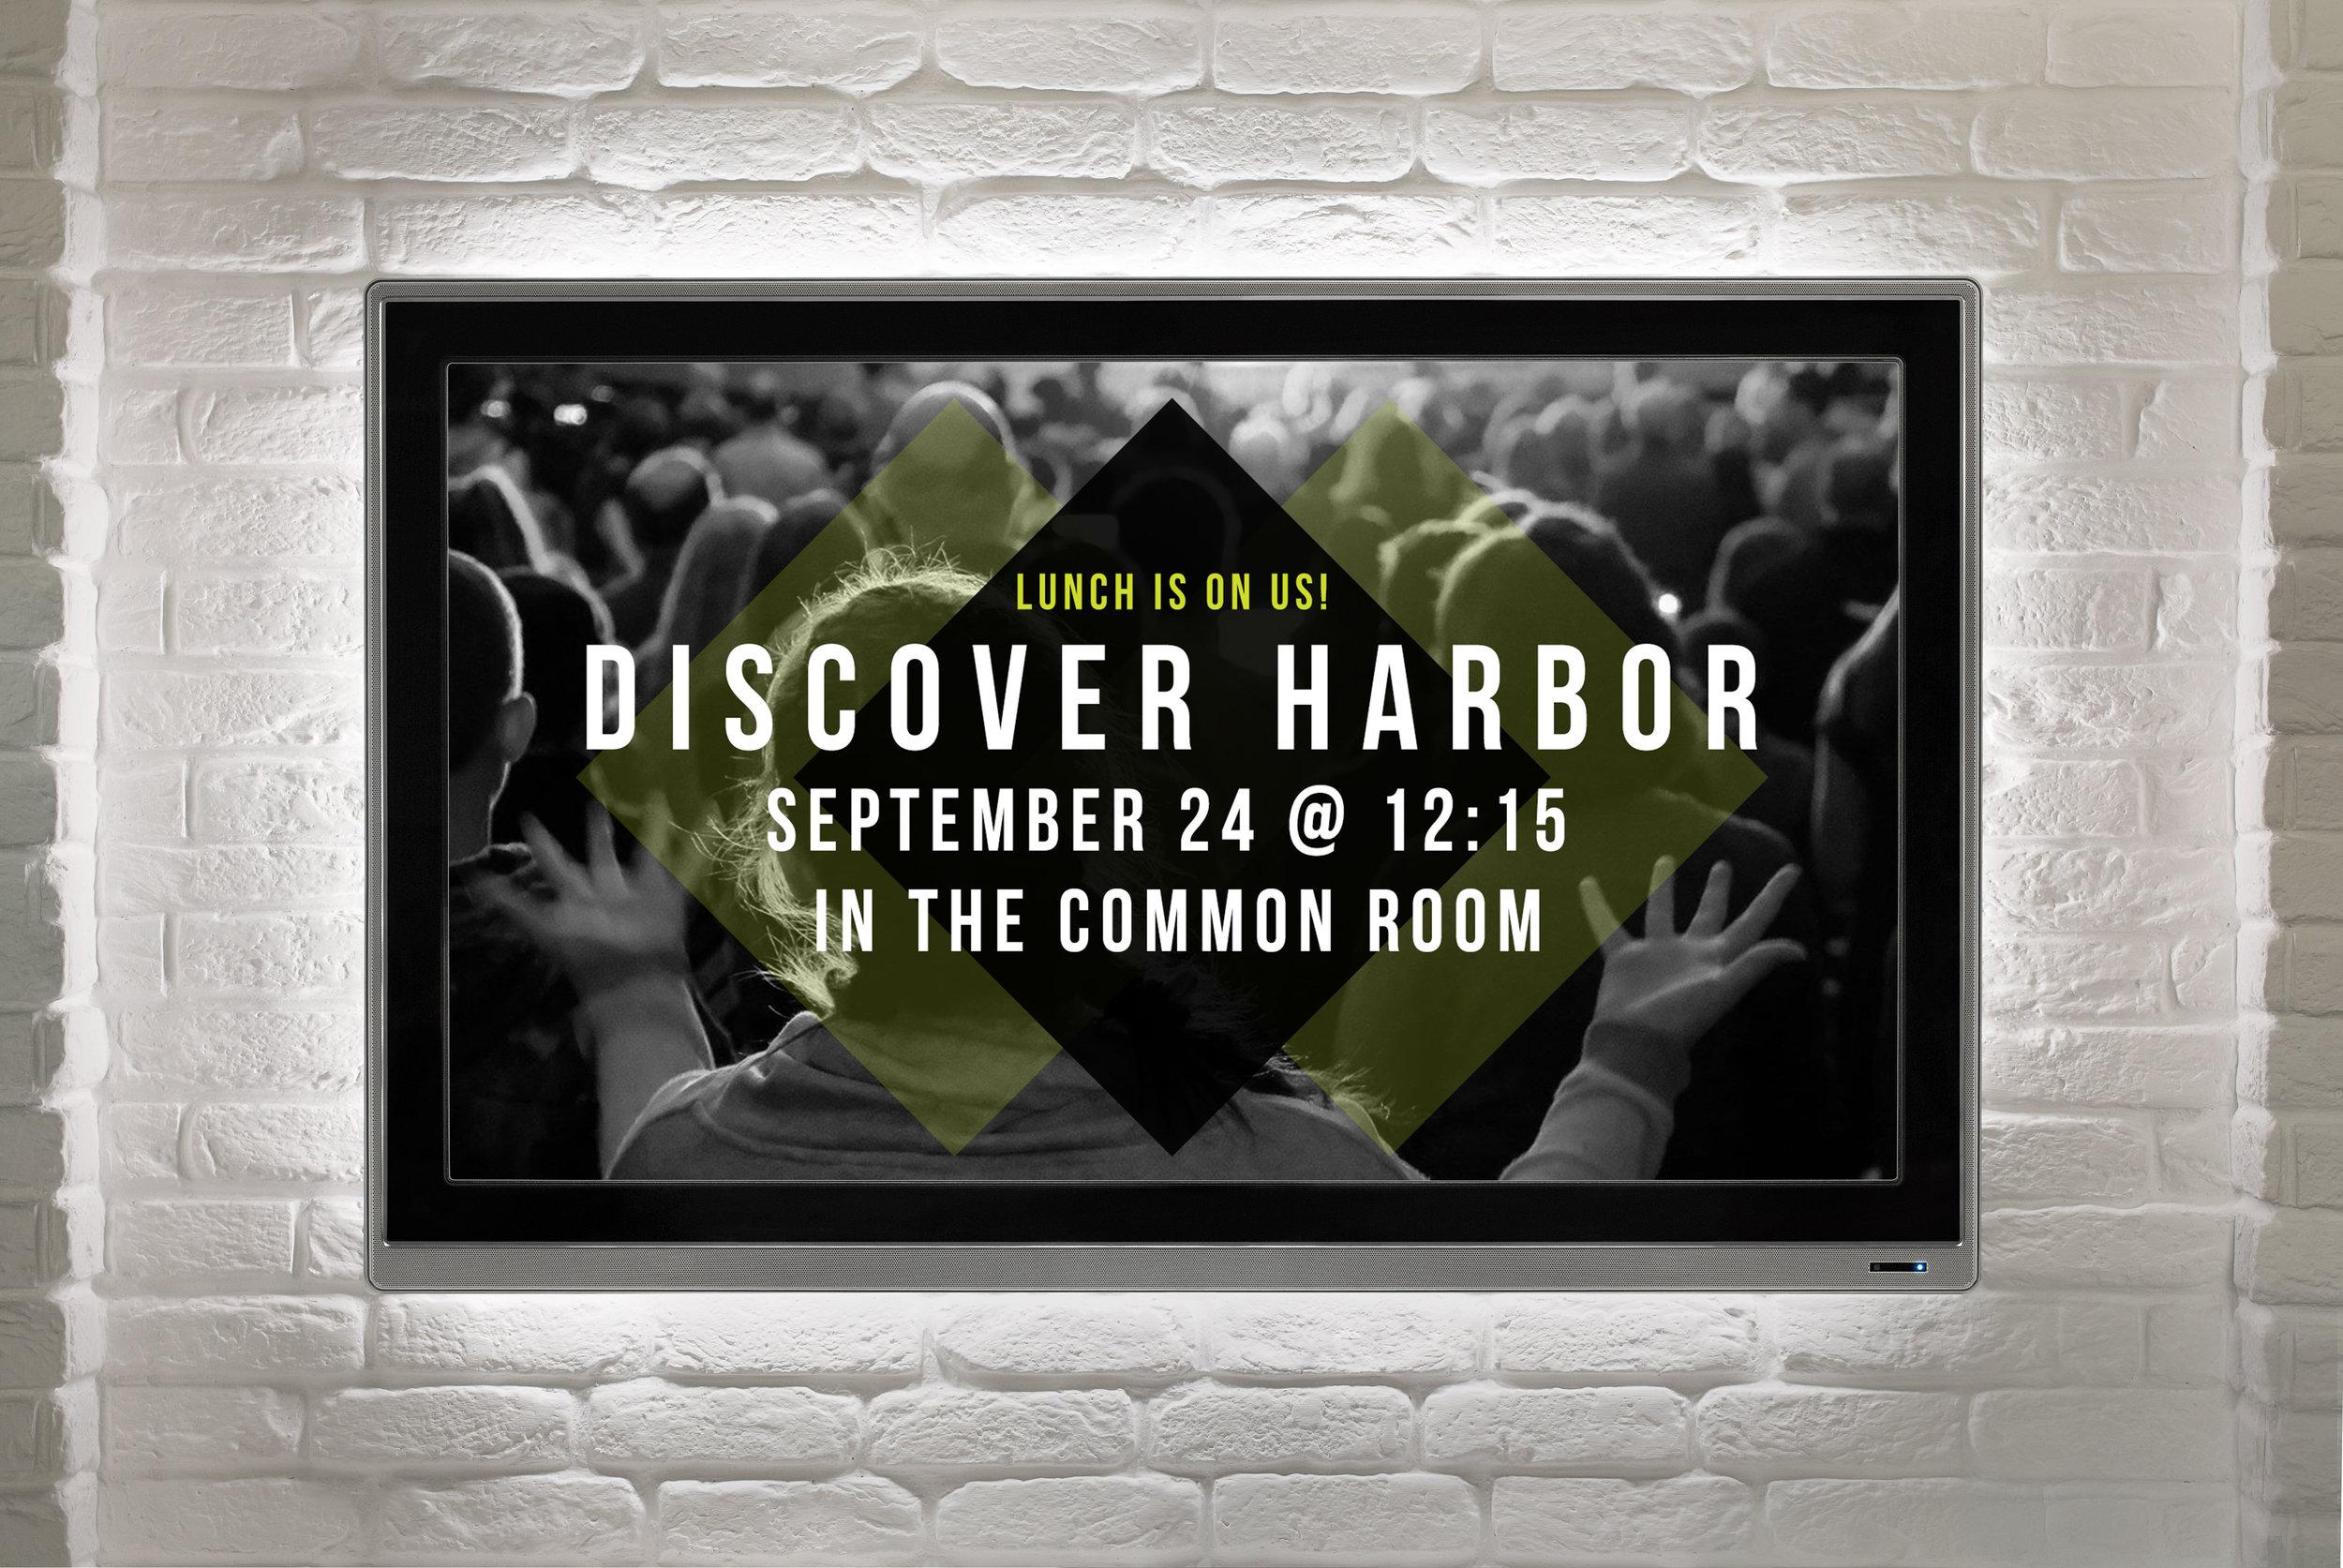 Discorver Harbor Slide.jpg